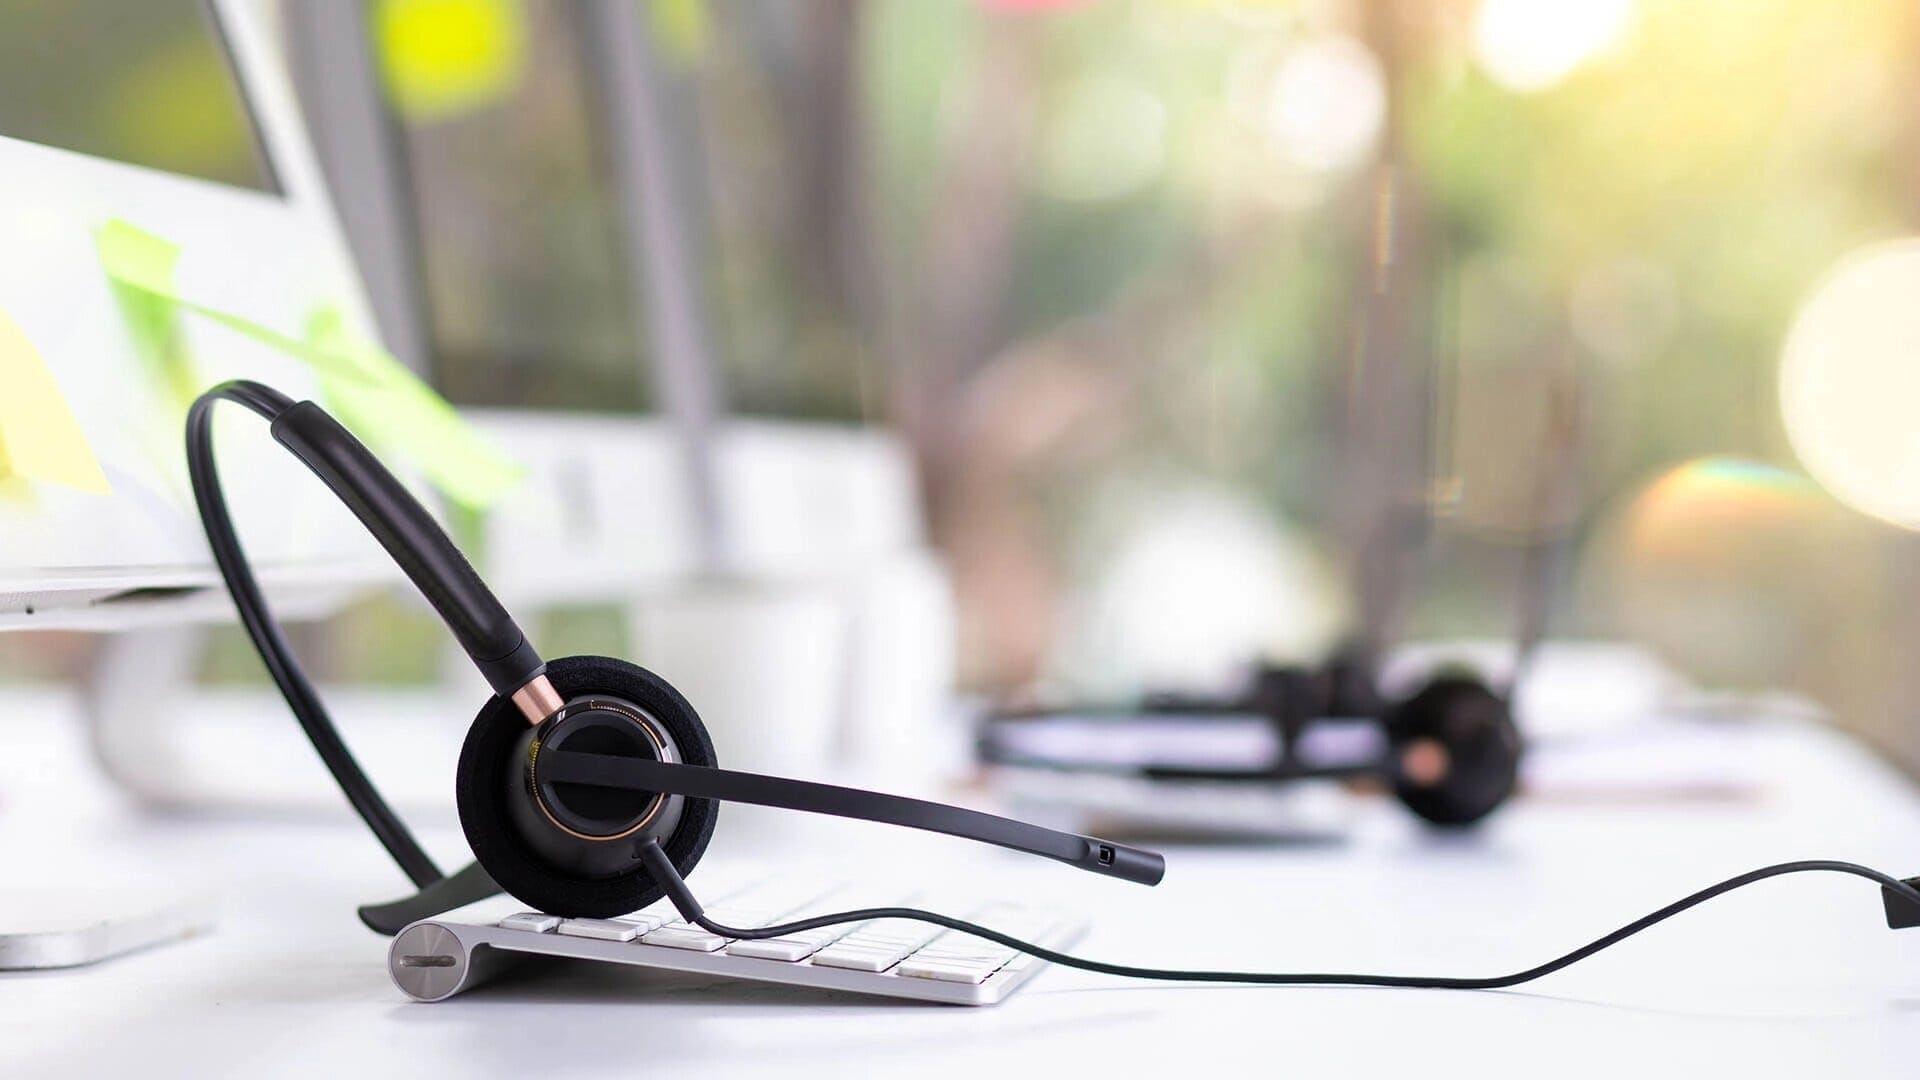 headphones over computer keyboard